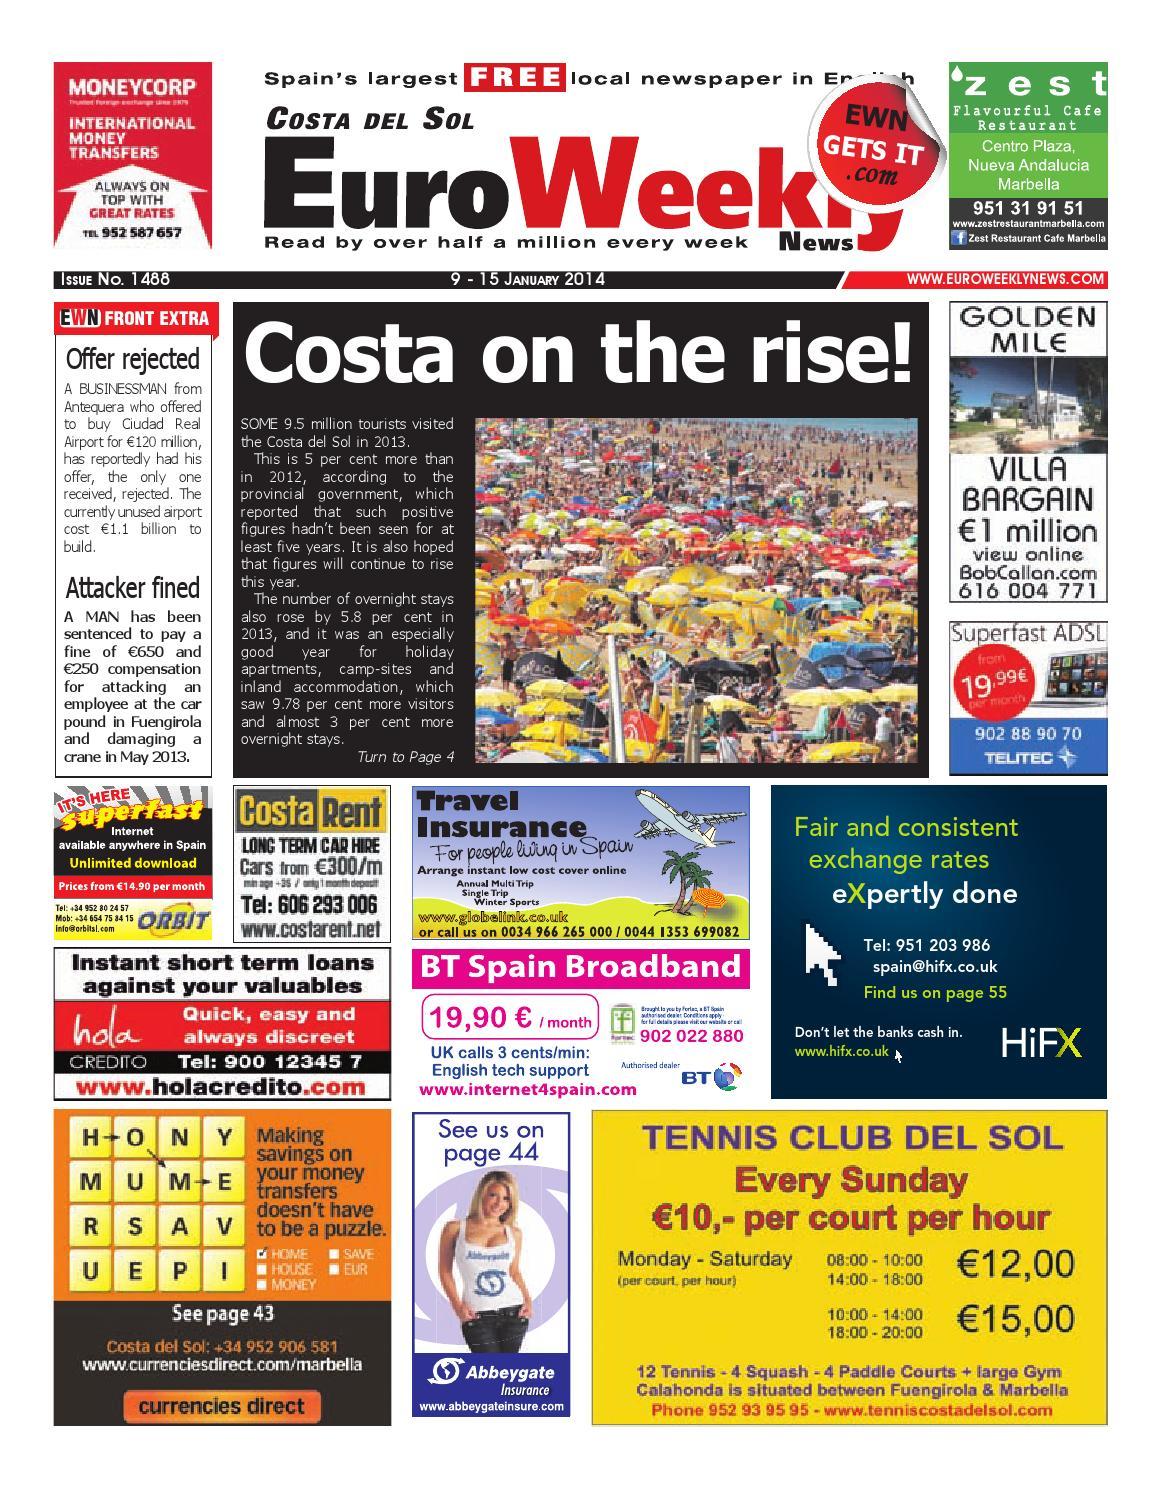 Europa casino instant web play comprar loteria en Córdoba-465308